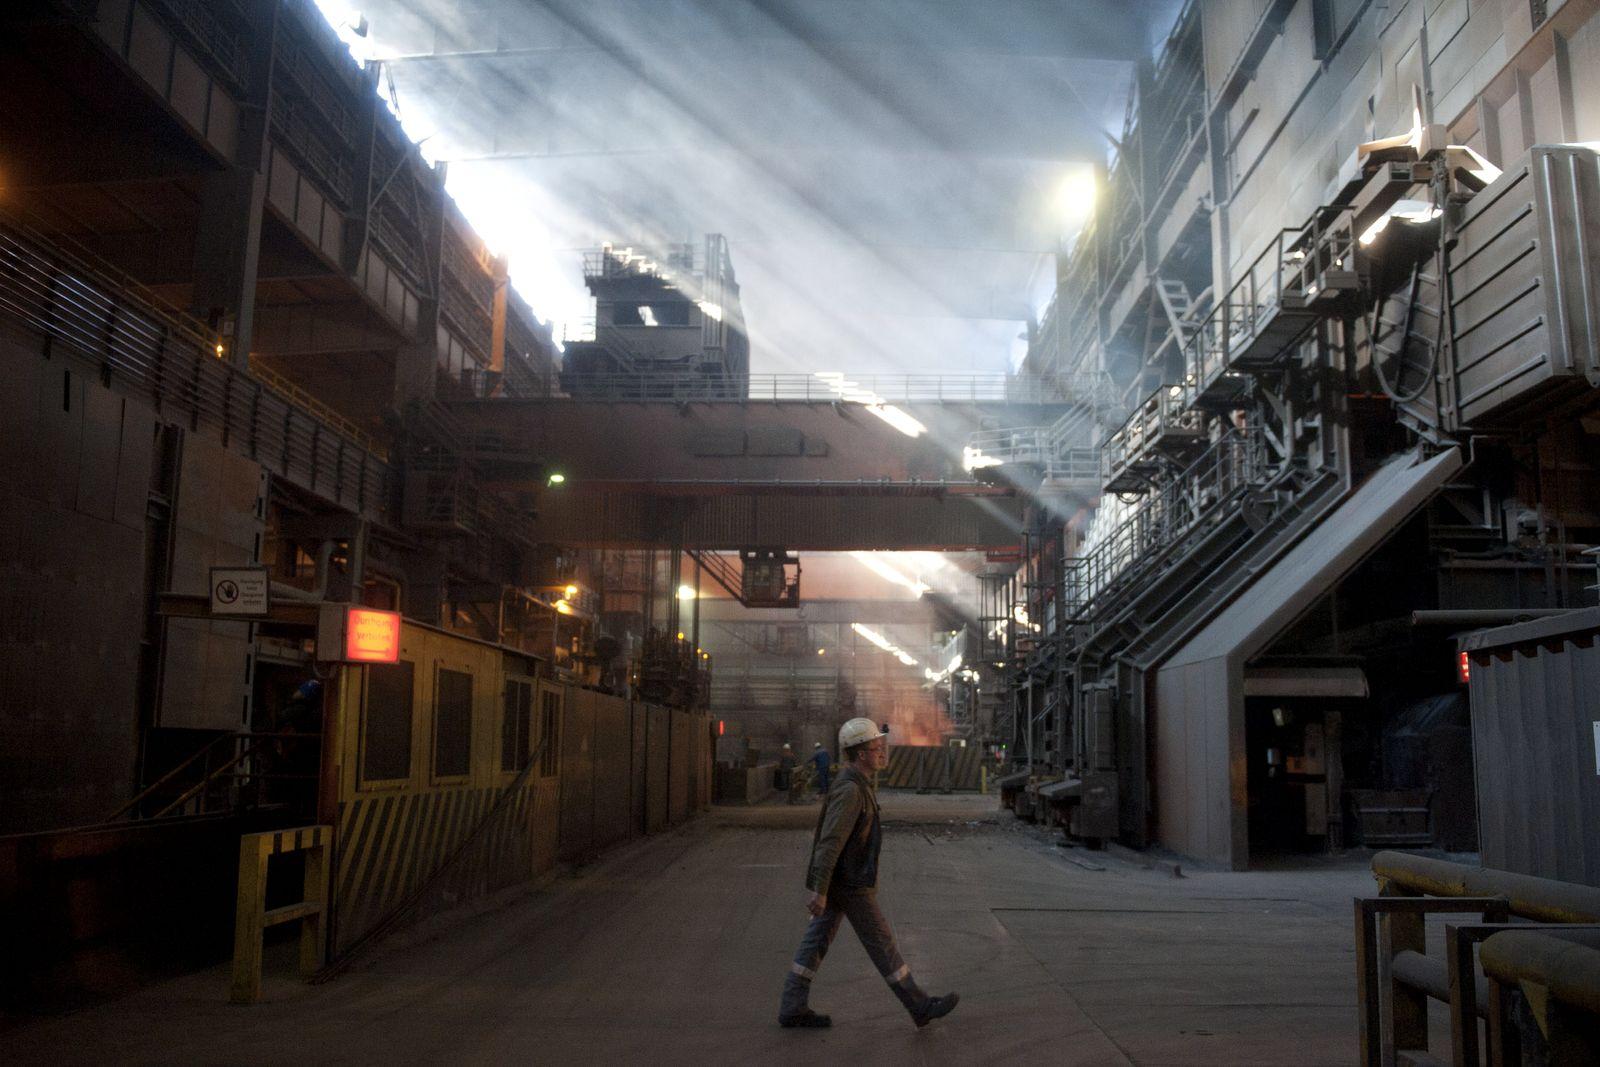 NICHT VERWENDEN Konjunktur/ Stahlwerk